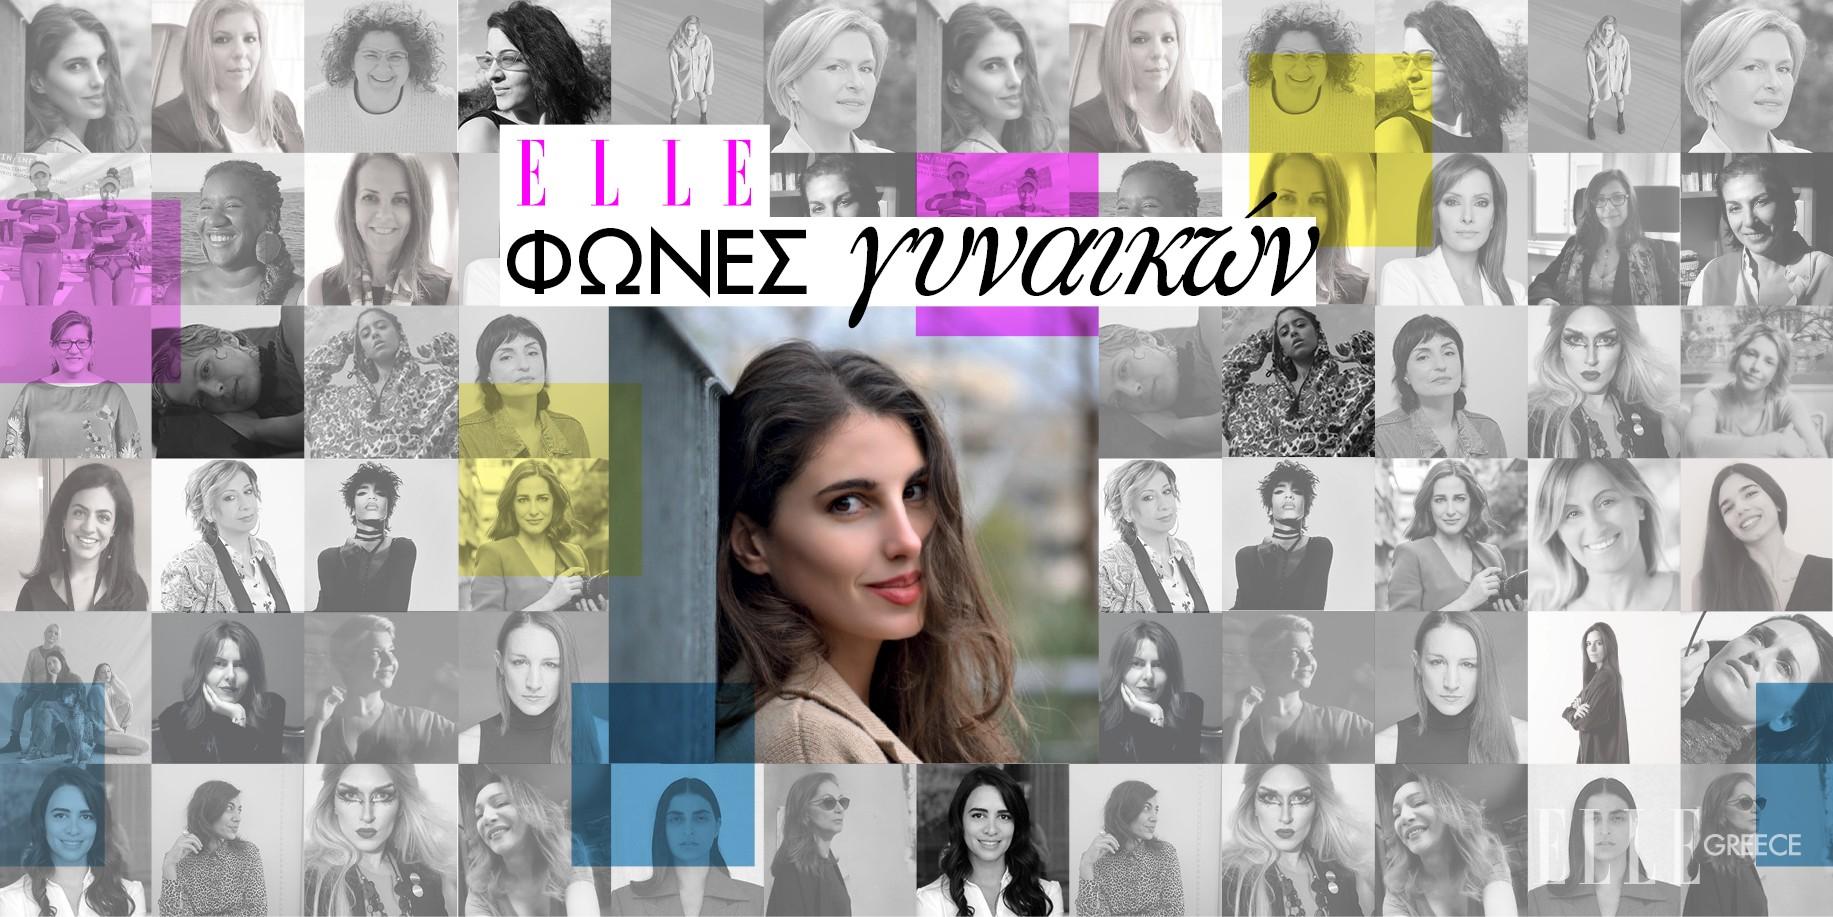 «Είσαι όμορφη.Είσαι πολύτιμη. Είσαι παραπάνω από αρκετή» λέει σε όλες μας η τραγουδίστρια Παυλίνα Βουλγαράκη Το να είσαι θηλυκότητα μπορεί να γίνει γιορτή. Για να συμβεί, όμως, αυτό, πρέπει να μπορεί να γίνει για όλες μας. Μέχρι να συμβεί αυτό, θα είμαστε εδώ στο ELLE πολλές φωνές ενωμένες. Μαζί σαν μία φωνή, μια χώρα, μια καταγωγή, μια αγκαλιά. Σαν μια αλυσίδα από θηλυκότητες που θα κάνουν ό,τι χρειαστεί για να νικήσουμε τον σεξισμό, την πατριαρχία, την έμφυλη βία και ό,τι άλλο μας πληγώνει. Η Παυλίνα Βουλγαράκη είναι μια τέτοια φωνή. #ΤοΜελλονΕιναιΓυναικα